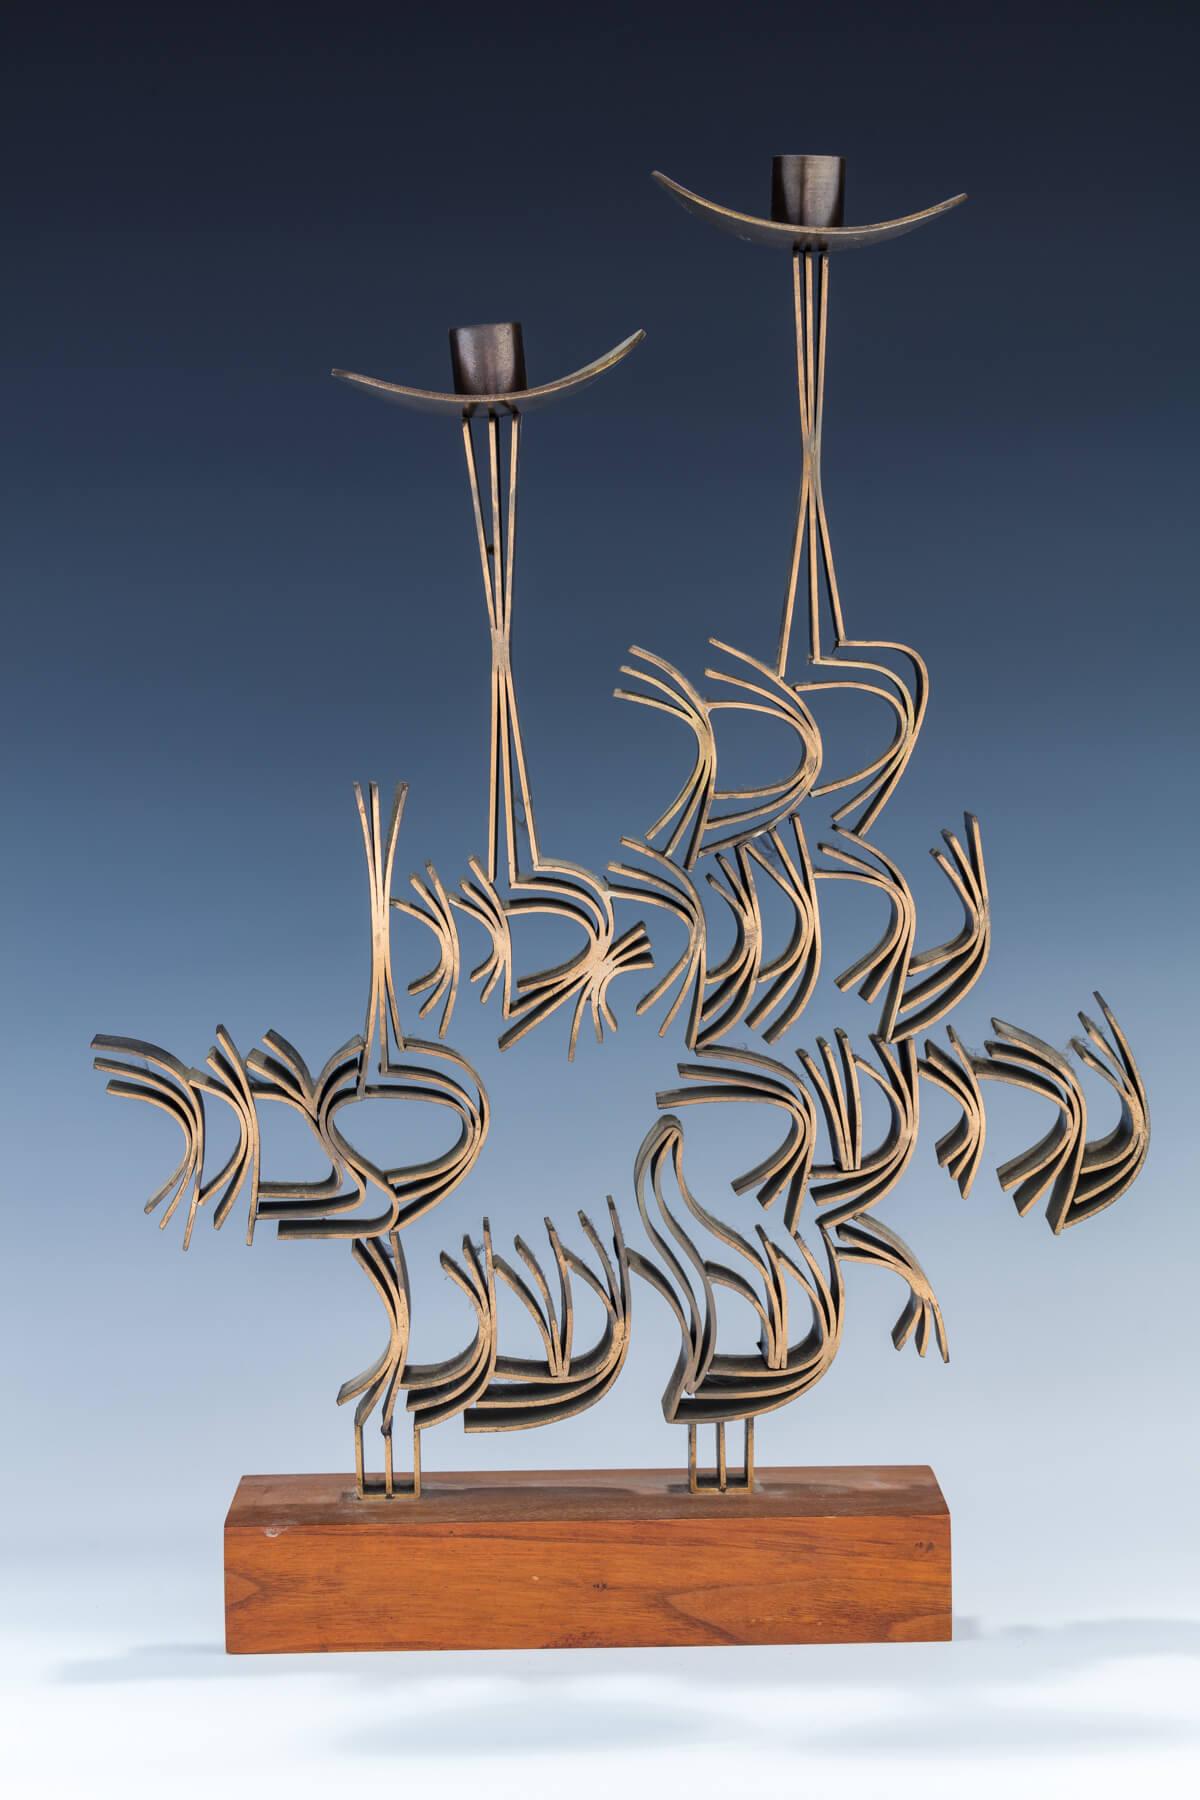 87. A Massive Bronze Sabbath Candlestick Sculpture By Ludwig Wolpert